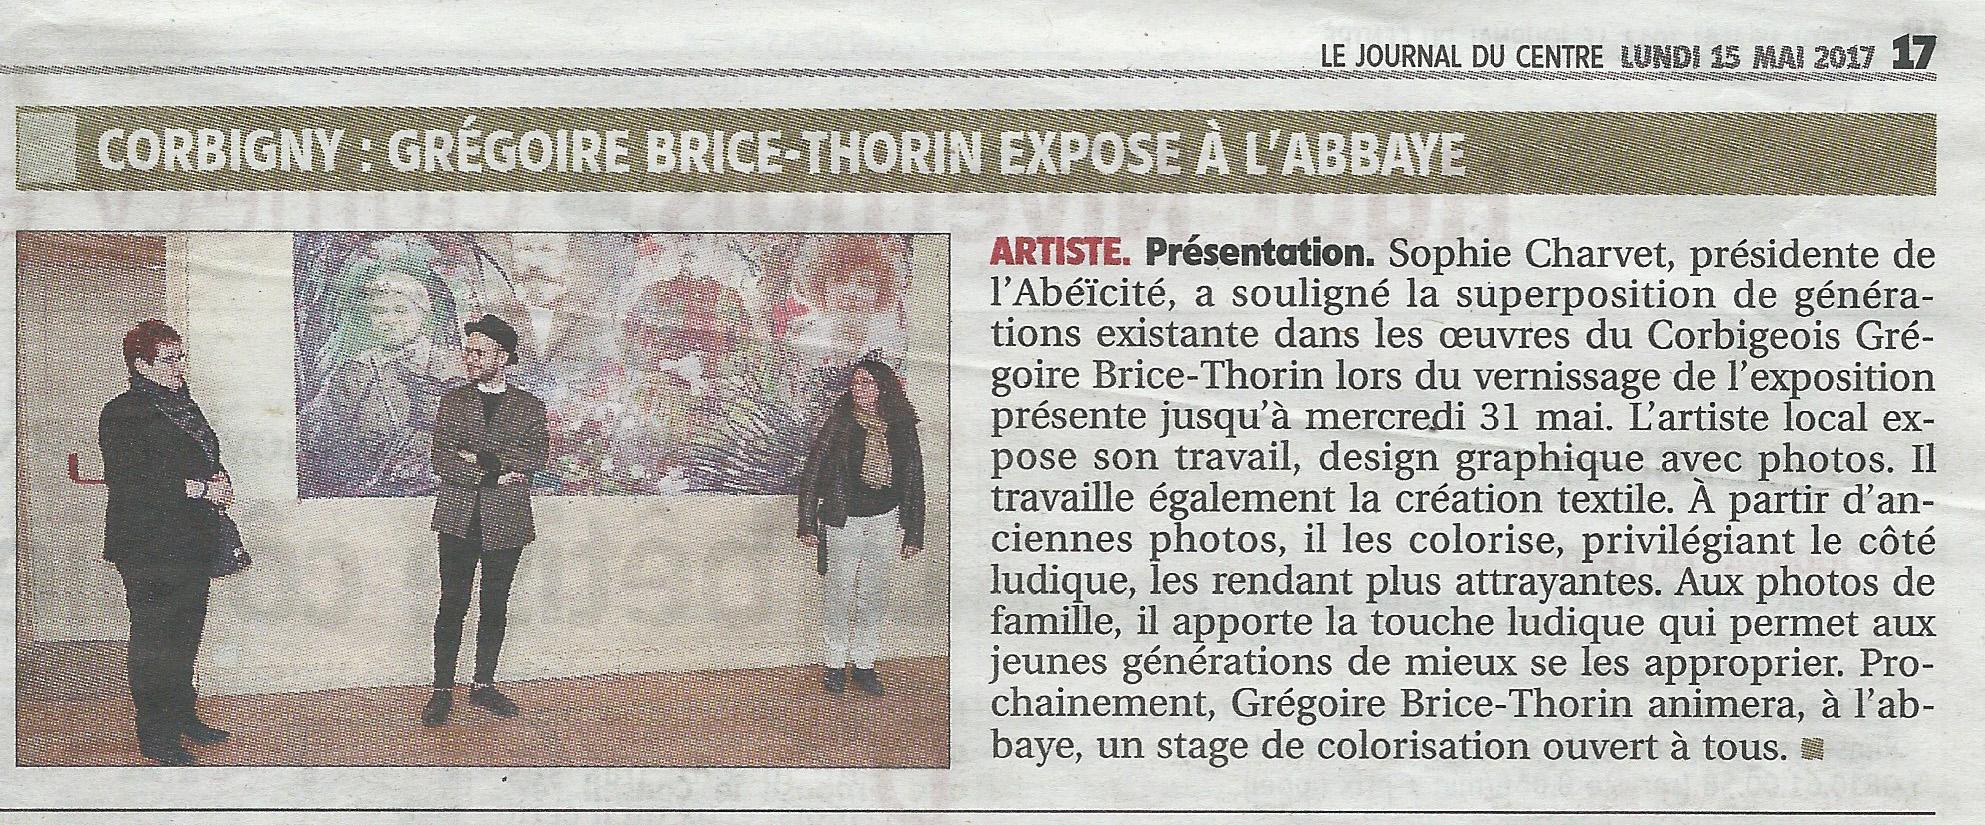 Article journal du centre 15 MAi 2017 Expo MEMO Abbaye Corbigny